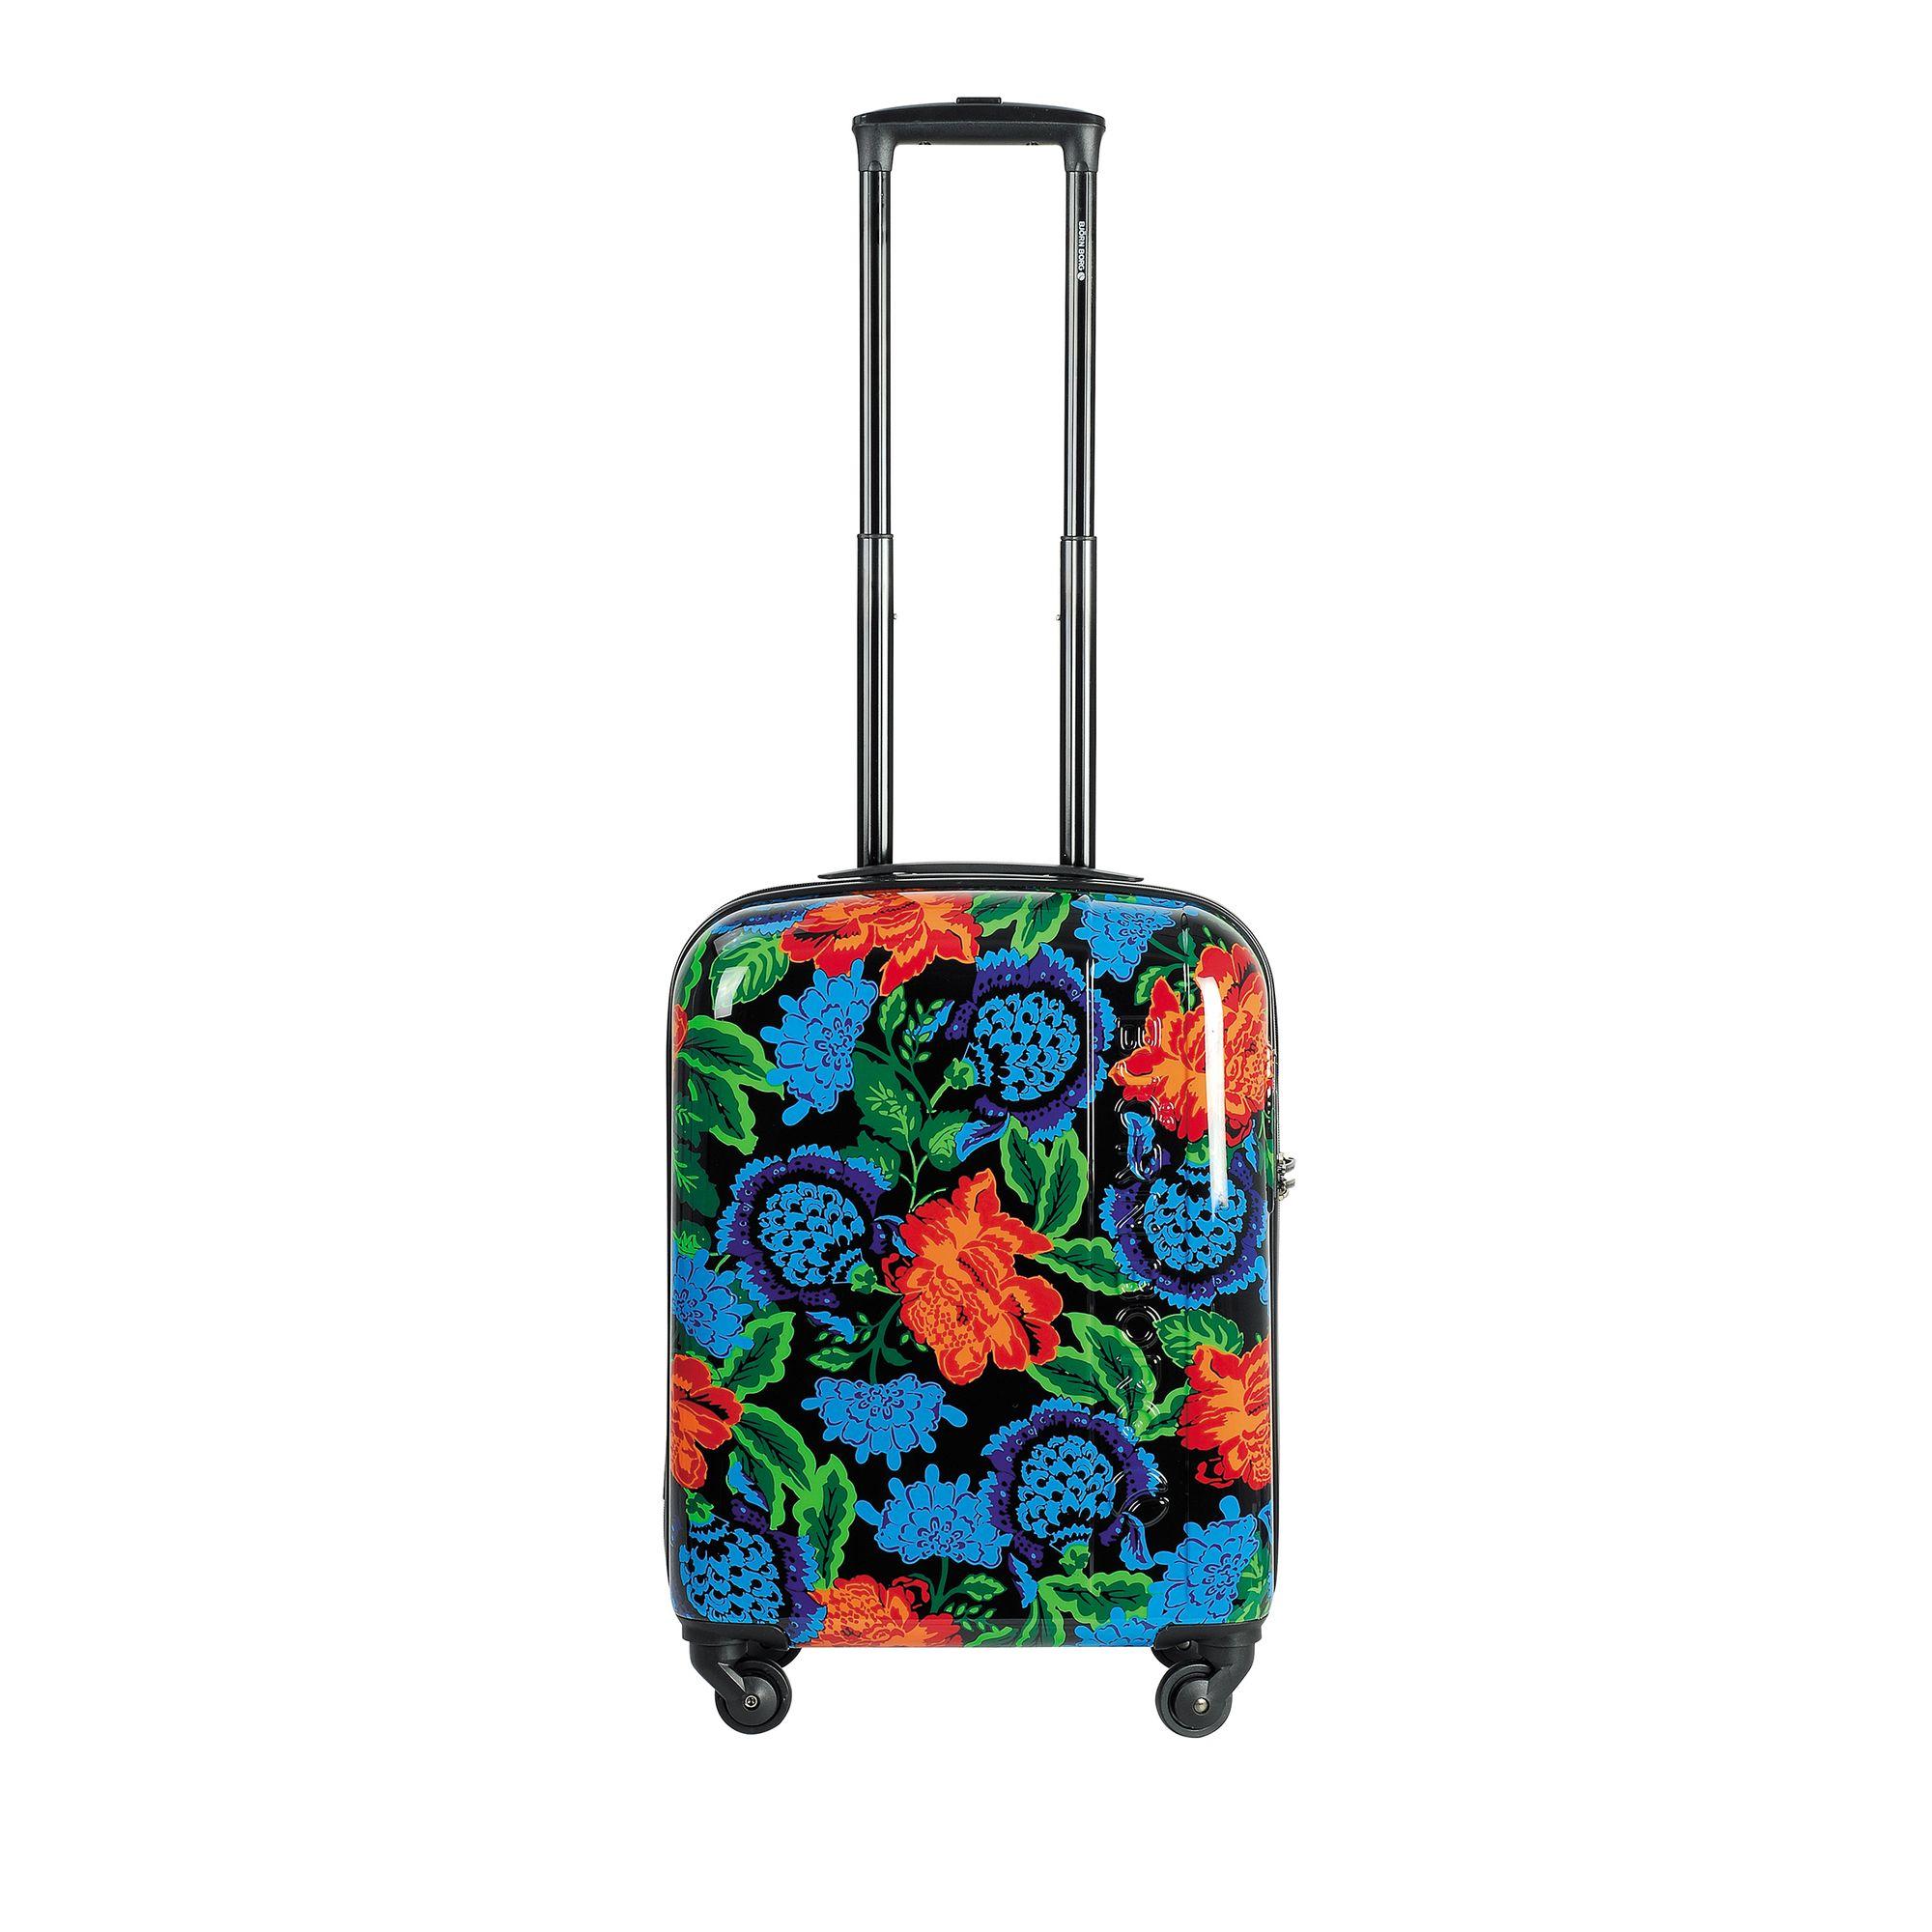 Björn Borg Hot Solid resväska, 4 hjul, 55/65/78 cm, Svart med mönster, 55cm